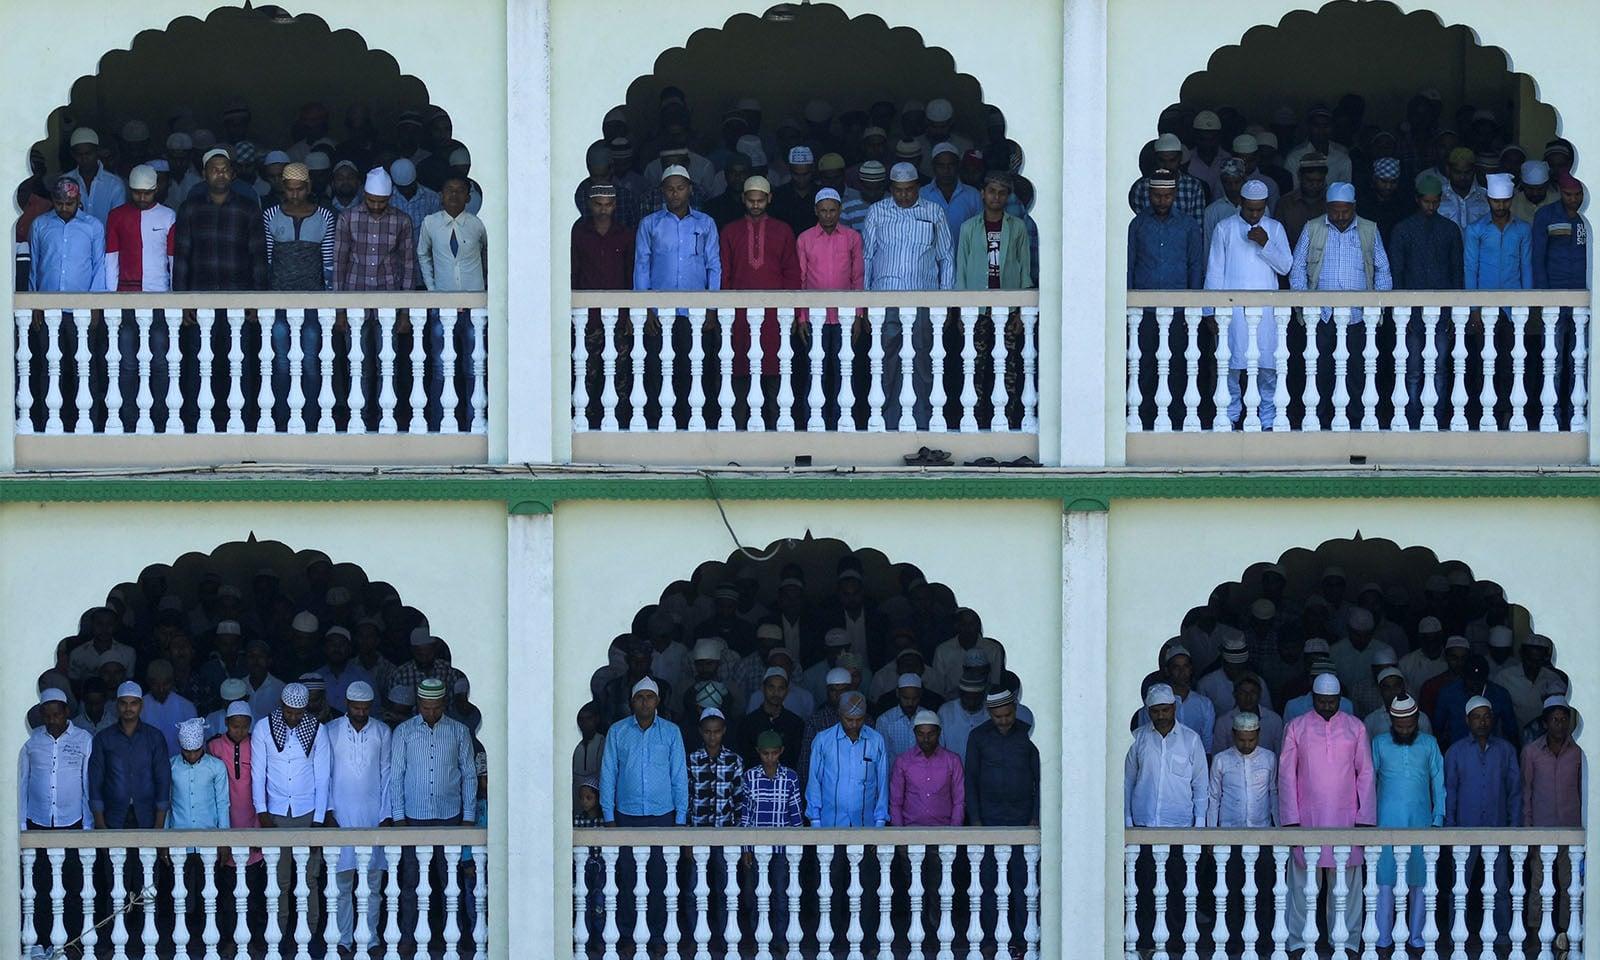 زیادہ تر ممالک میں عید کے دن  کا آغاز نمازِ عید کے اجتماعات سے کیا جاتا ہے—تصویر:اے ایف پی